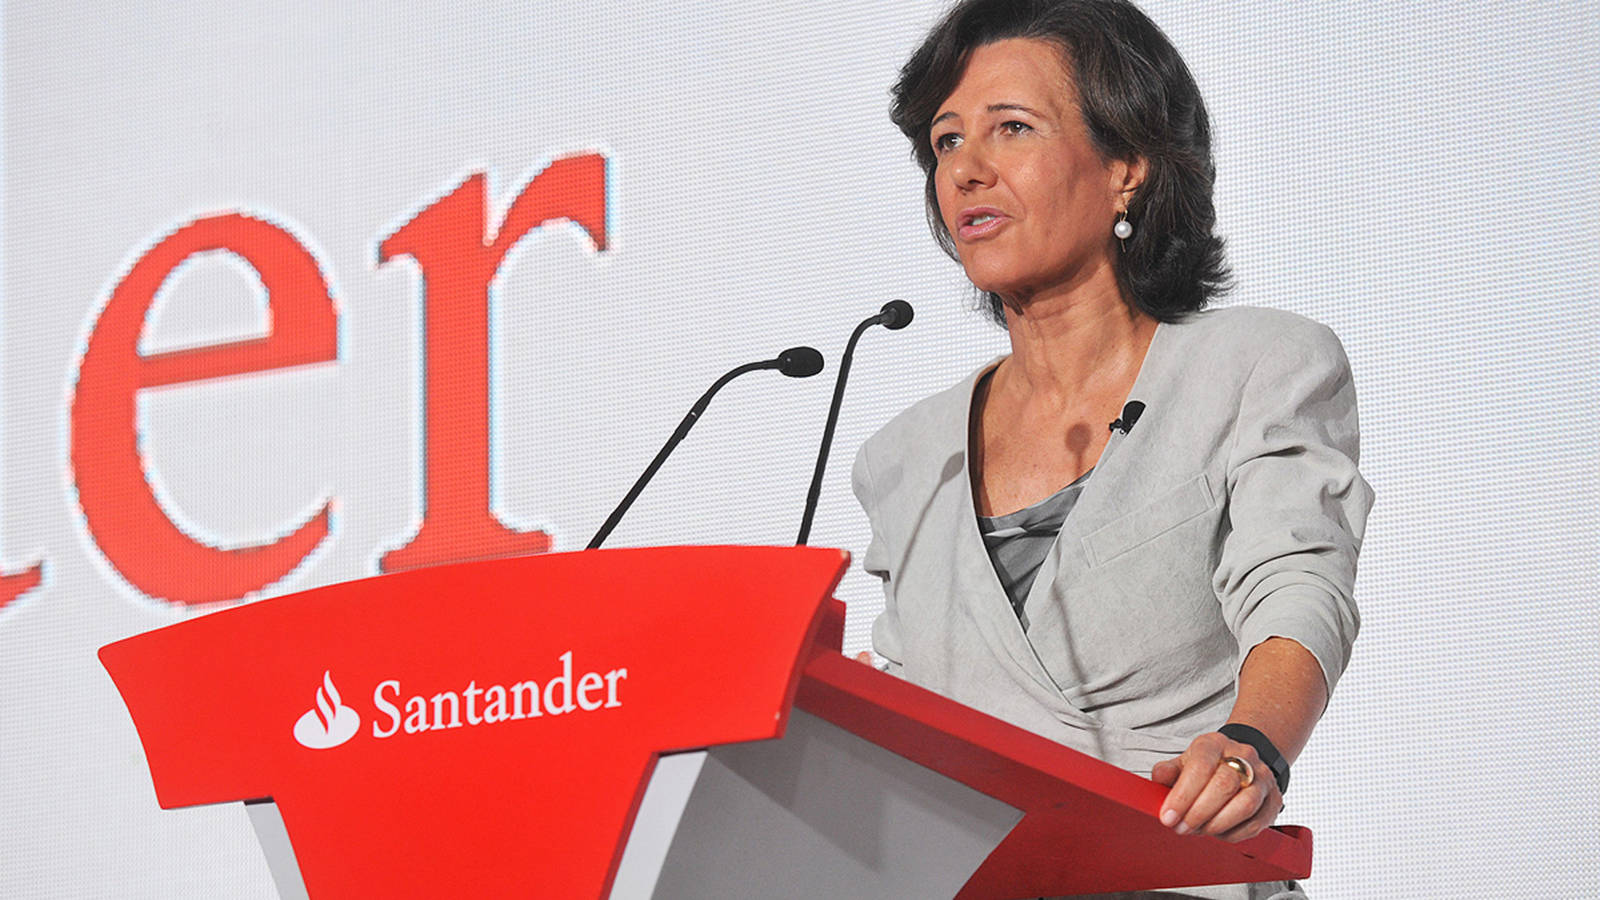 Toda la banca se lanza a robar clientes al Santander tras el comisionazo de la 1, 2, 3. Noticias de Empresas